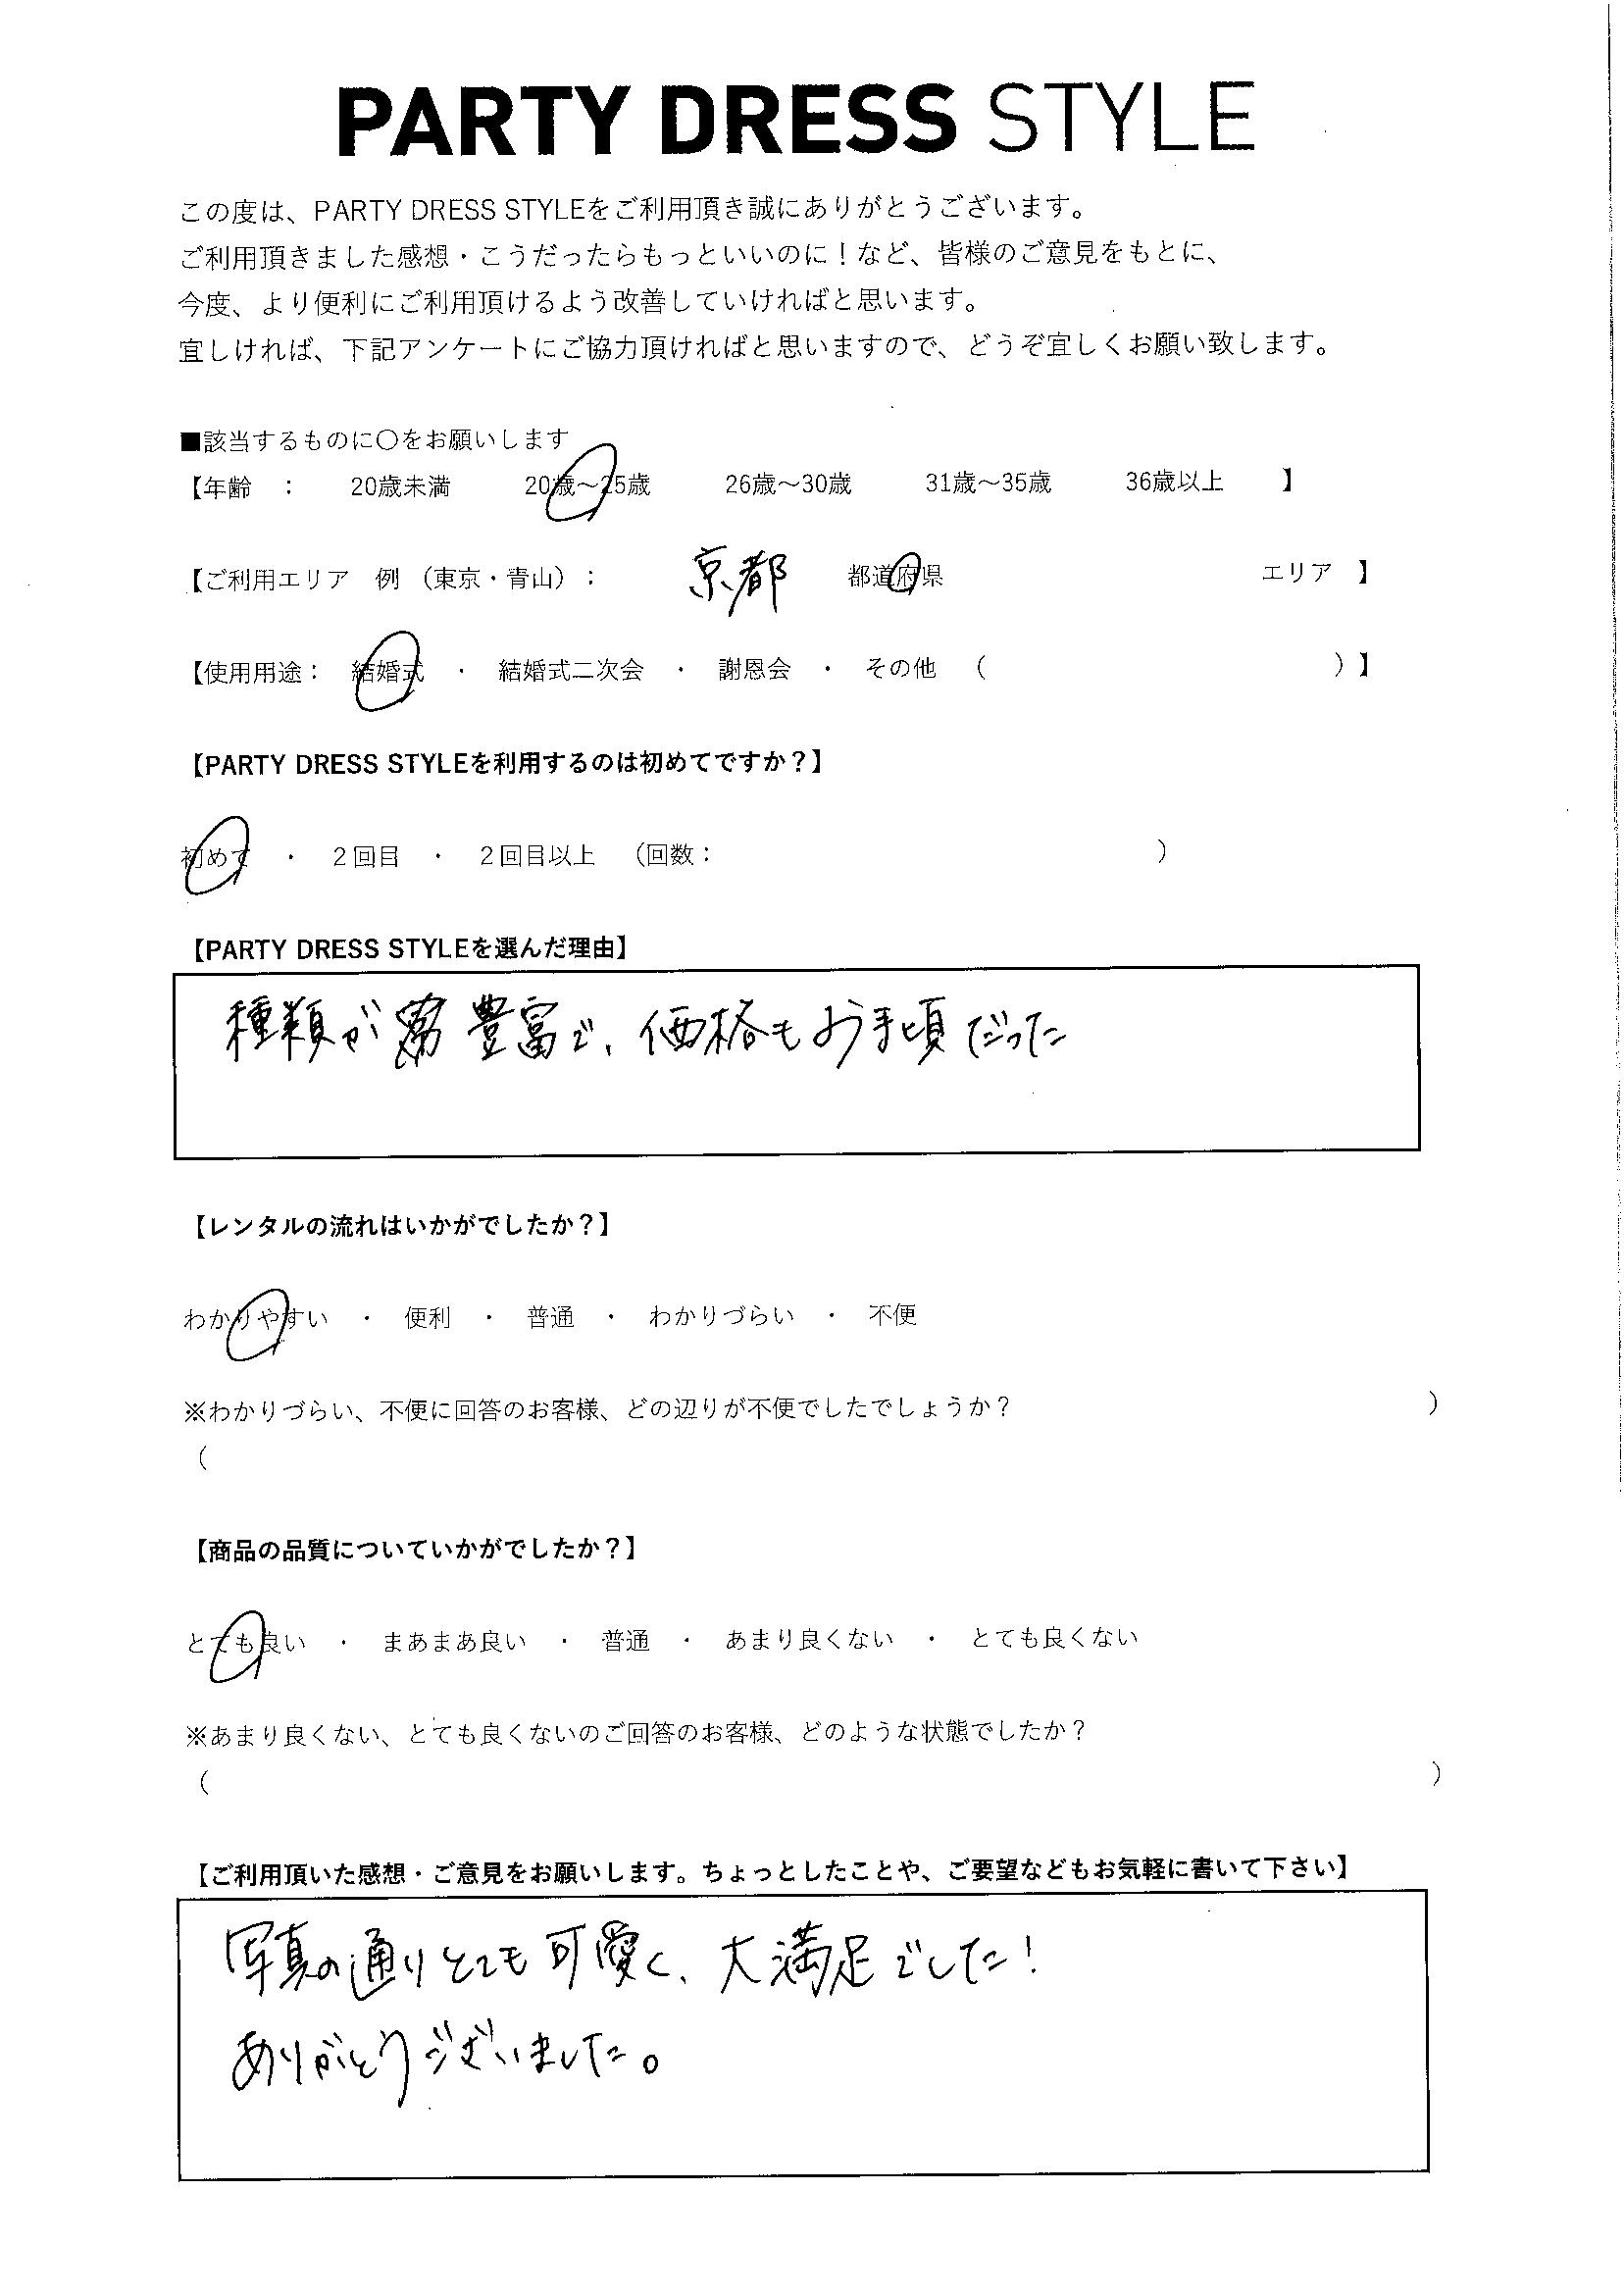 4/18結婚式ご利用 京都エリア